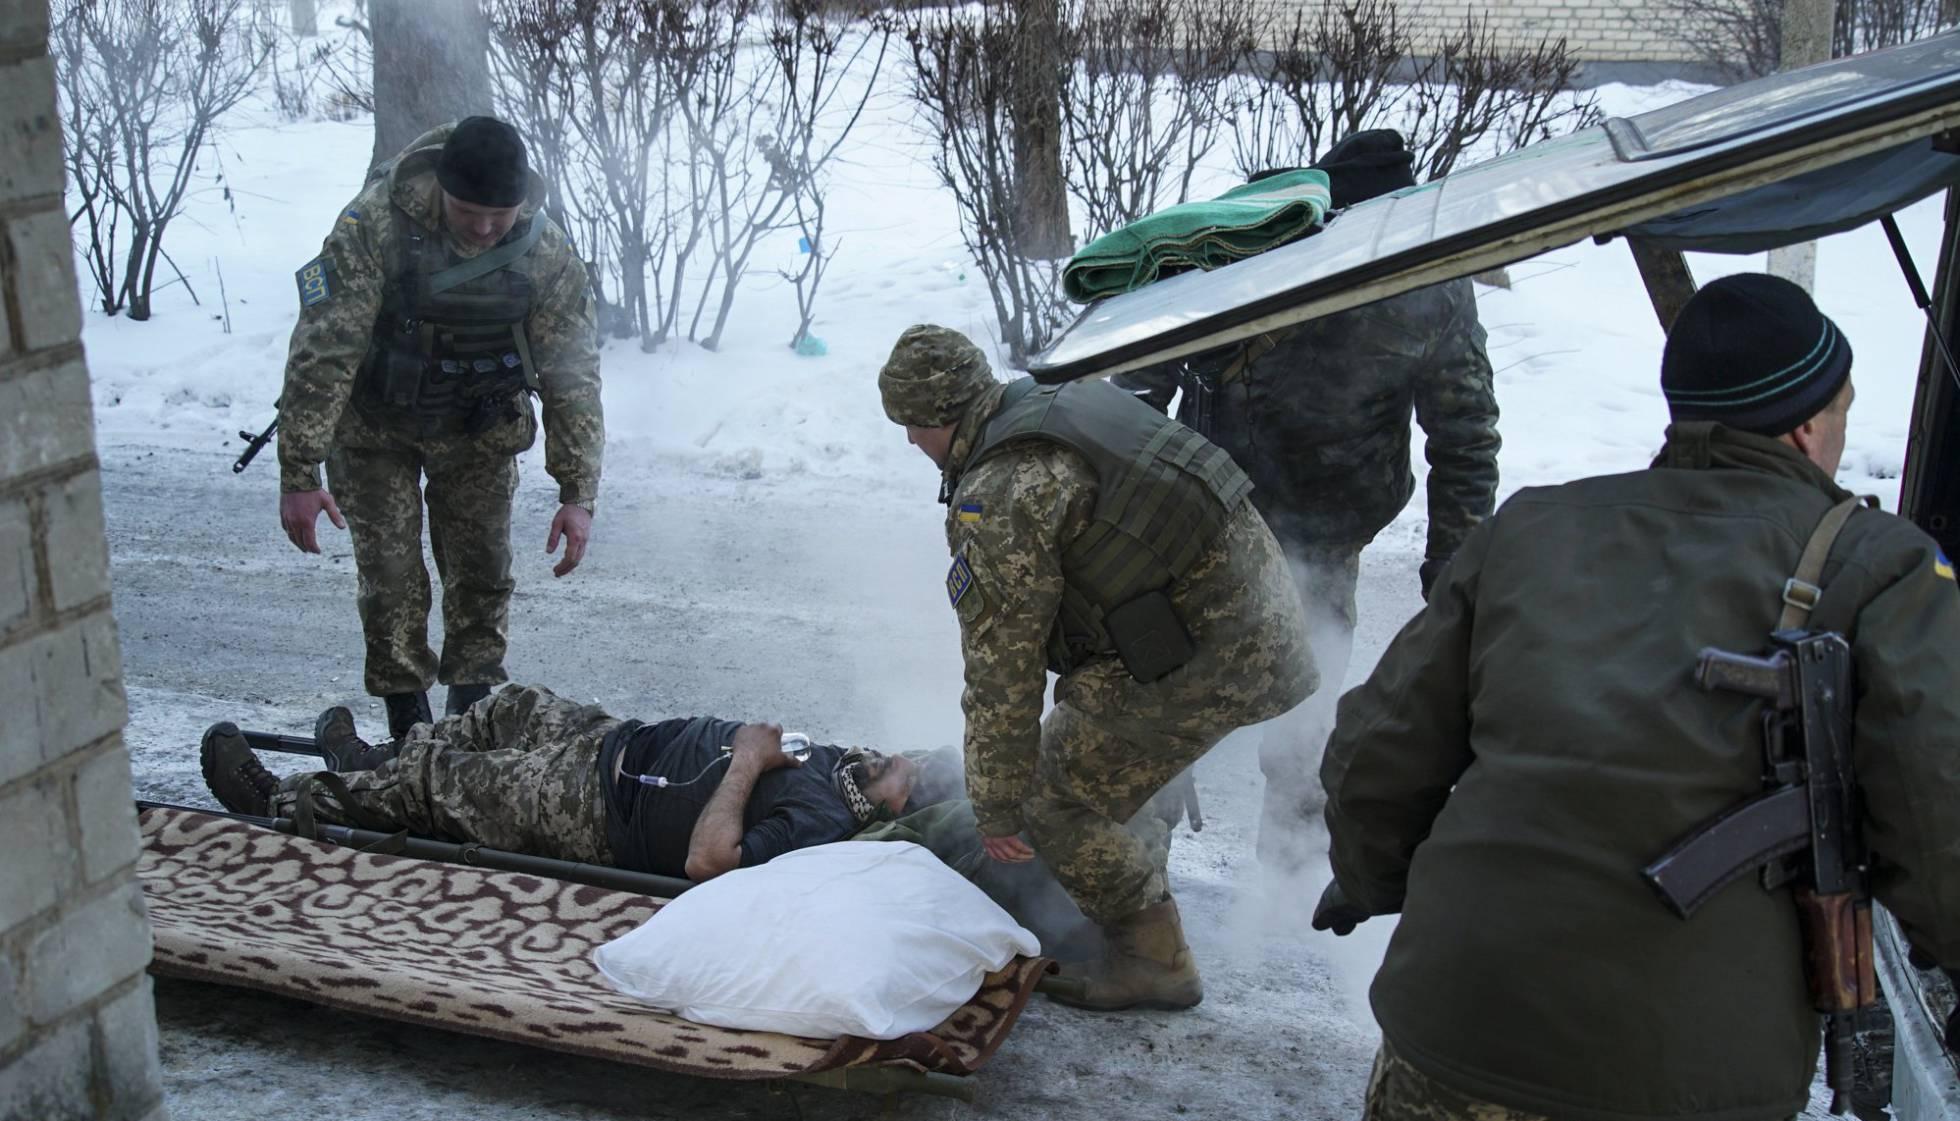 Ucrania destituye al presidente Yanukovich. Rusia anexa la Peninsula de Crimea, separatistas armados atacan en el Este. - Página 30 1485888641_711420_1485889888_noticia_normal_recorte1